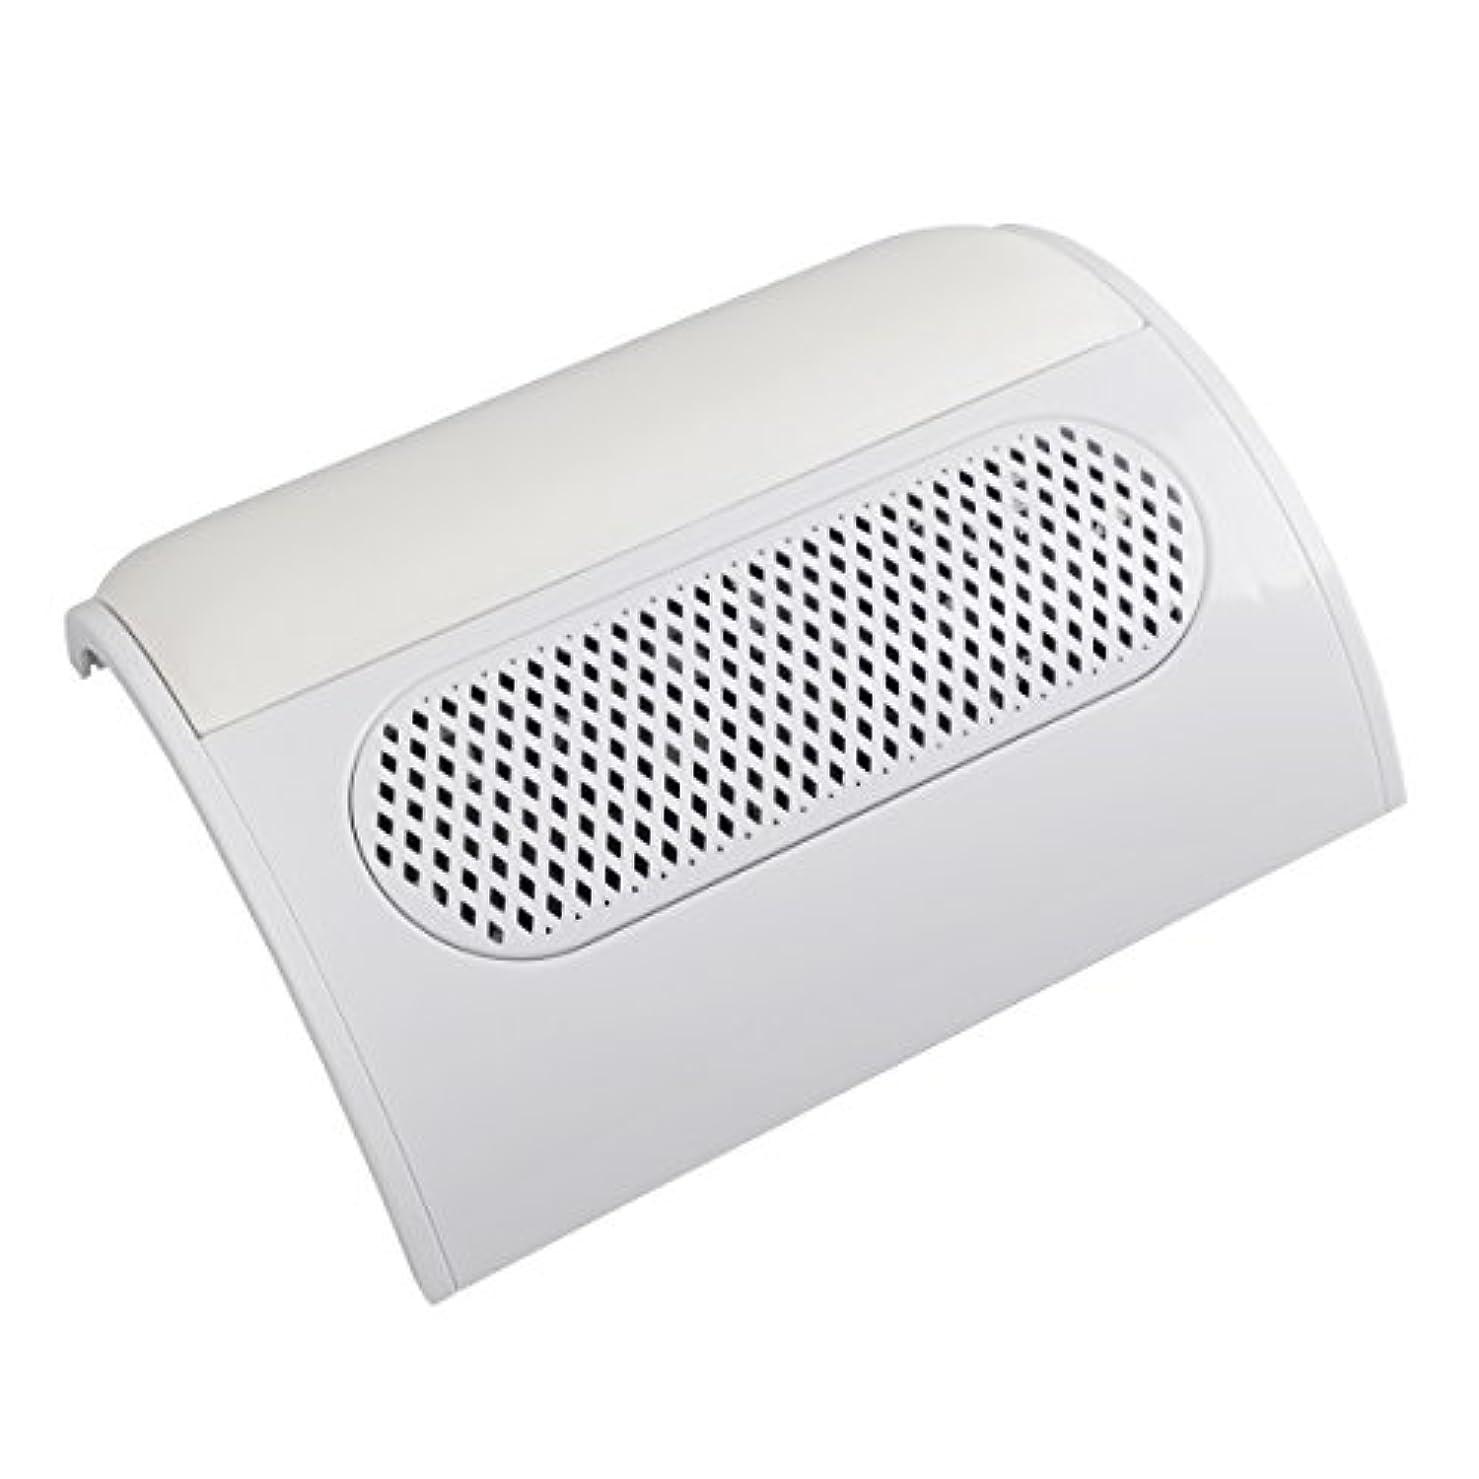 テザーなしで一般的に(ビュティー)Biutee メタリックホワイト ネイルダスト 3連ファン集塵機 集塵バック3枚付き ダストクリーナー ジェルネイル ネイル機器 (白)